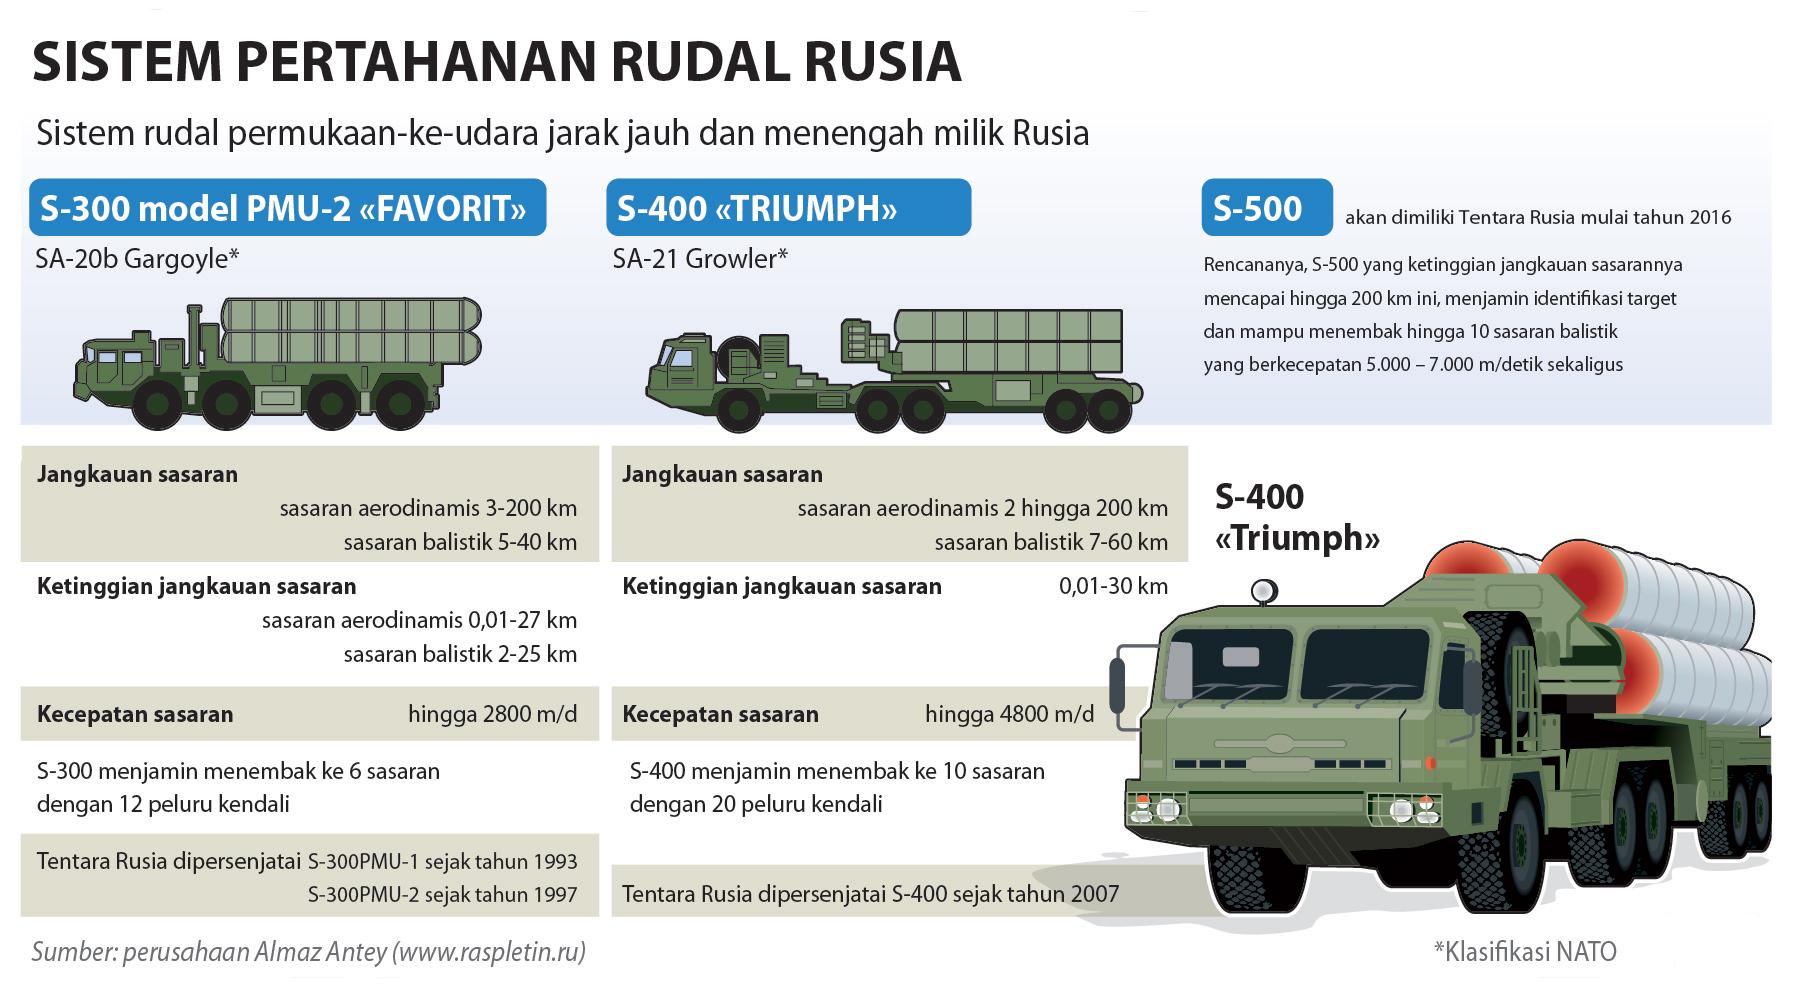 Infografis Sistem Pertahanan Rudal Rusia